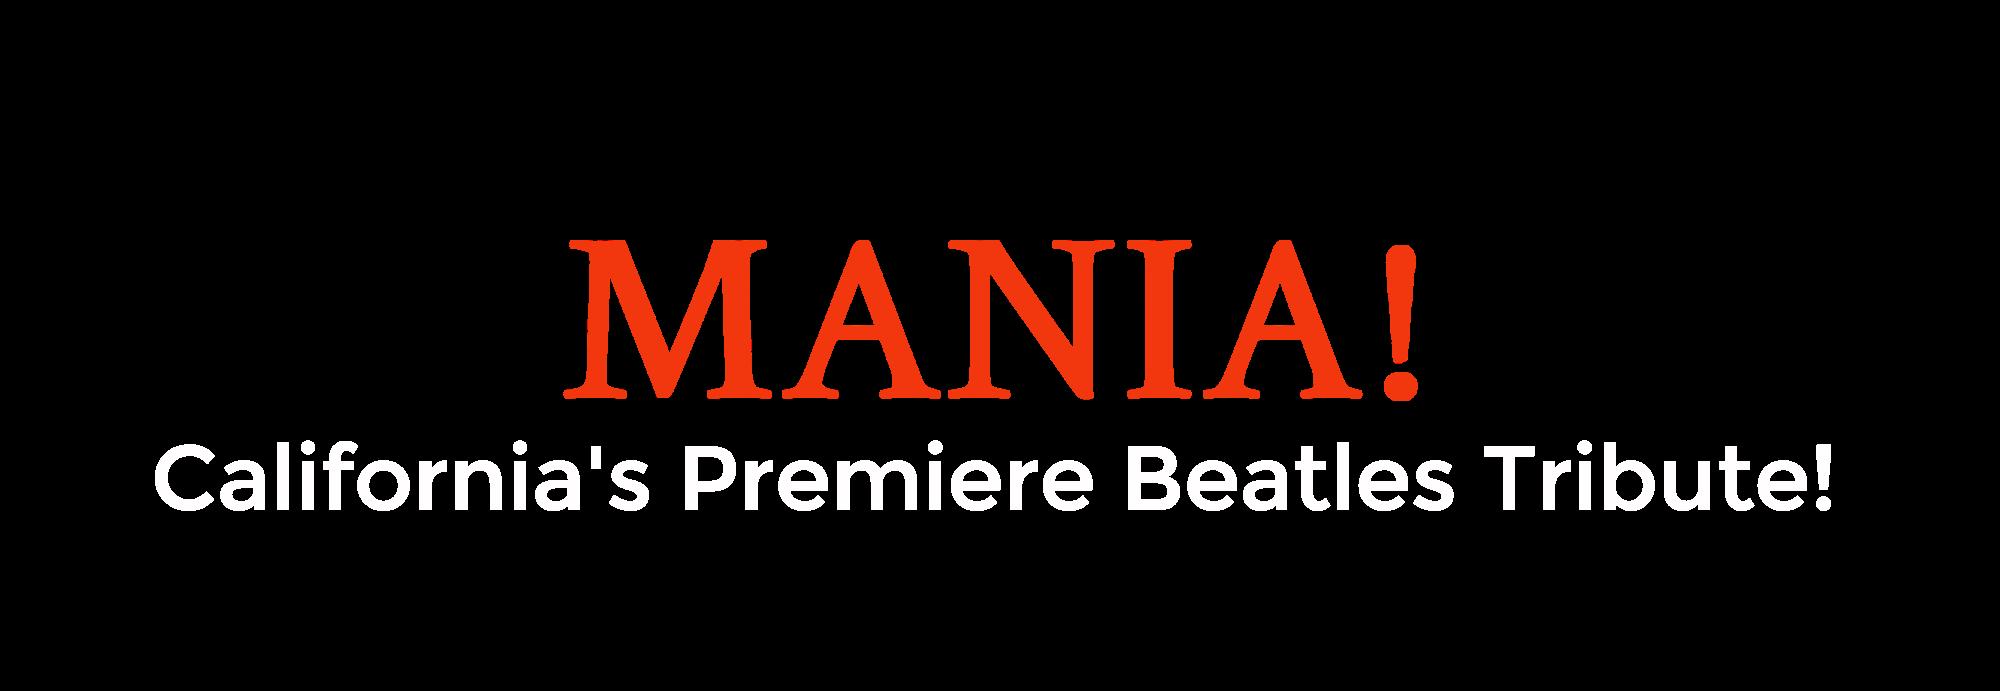 mania tshirt-Both layers .png